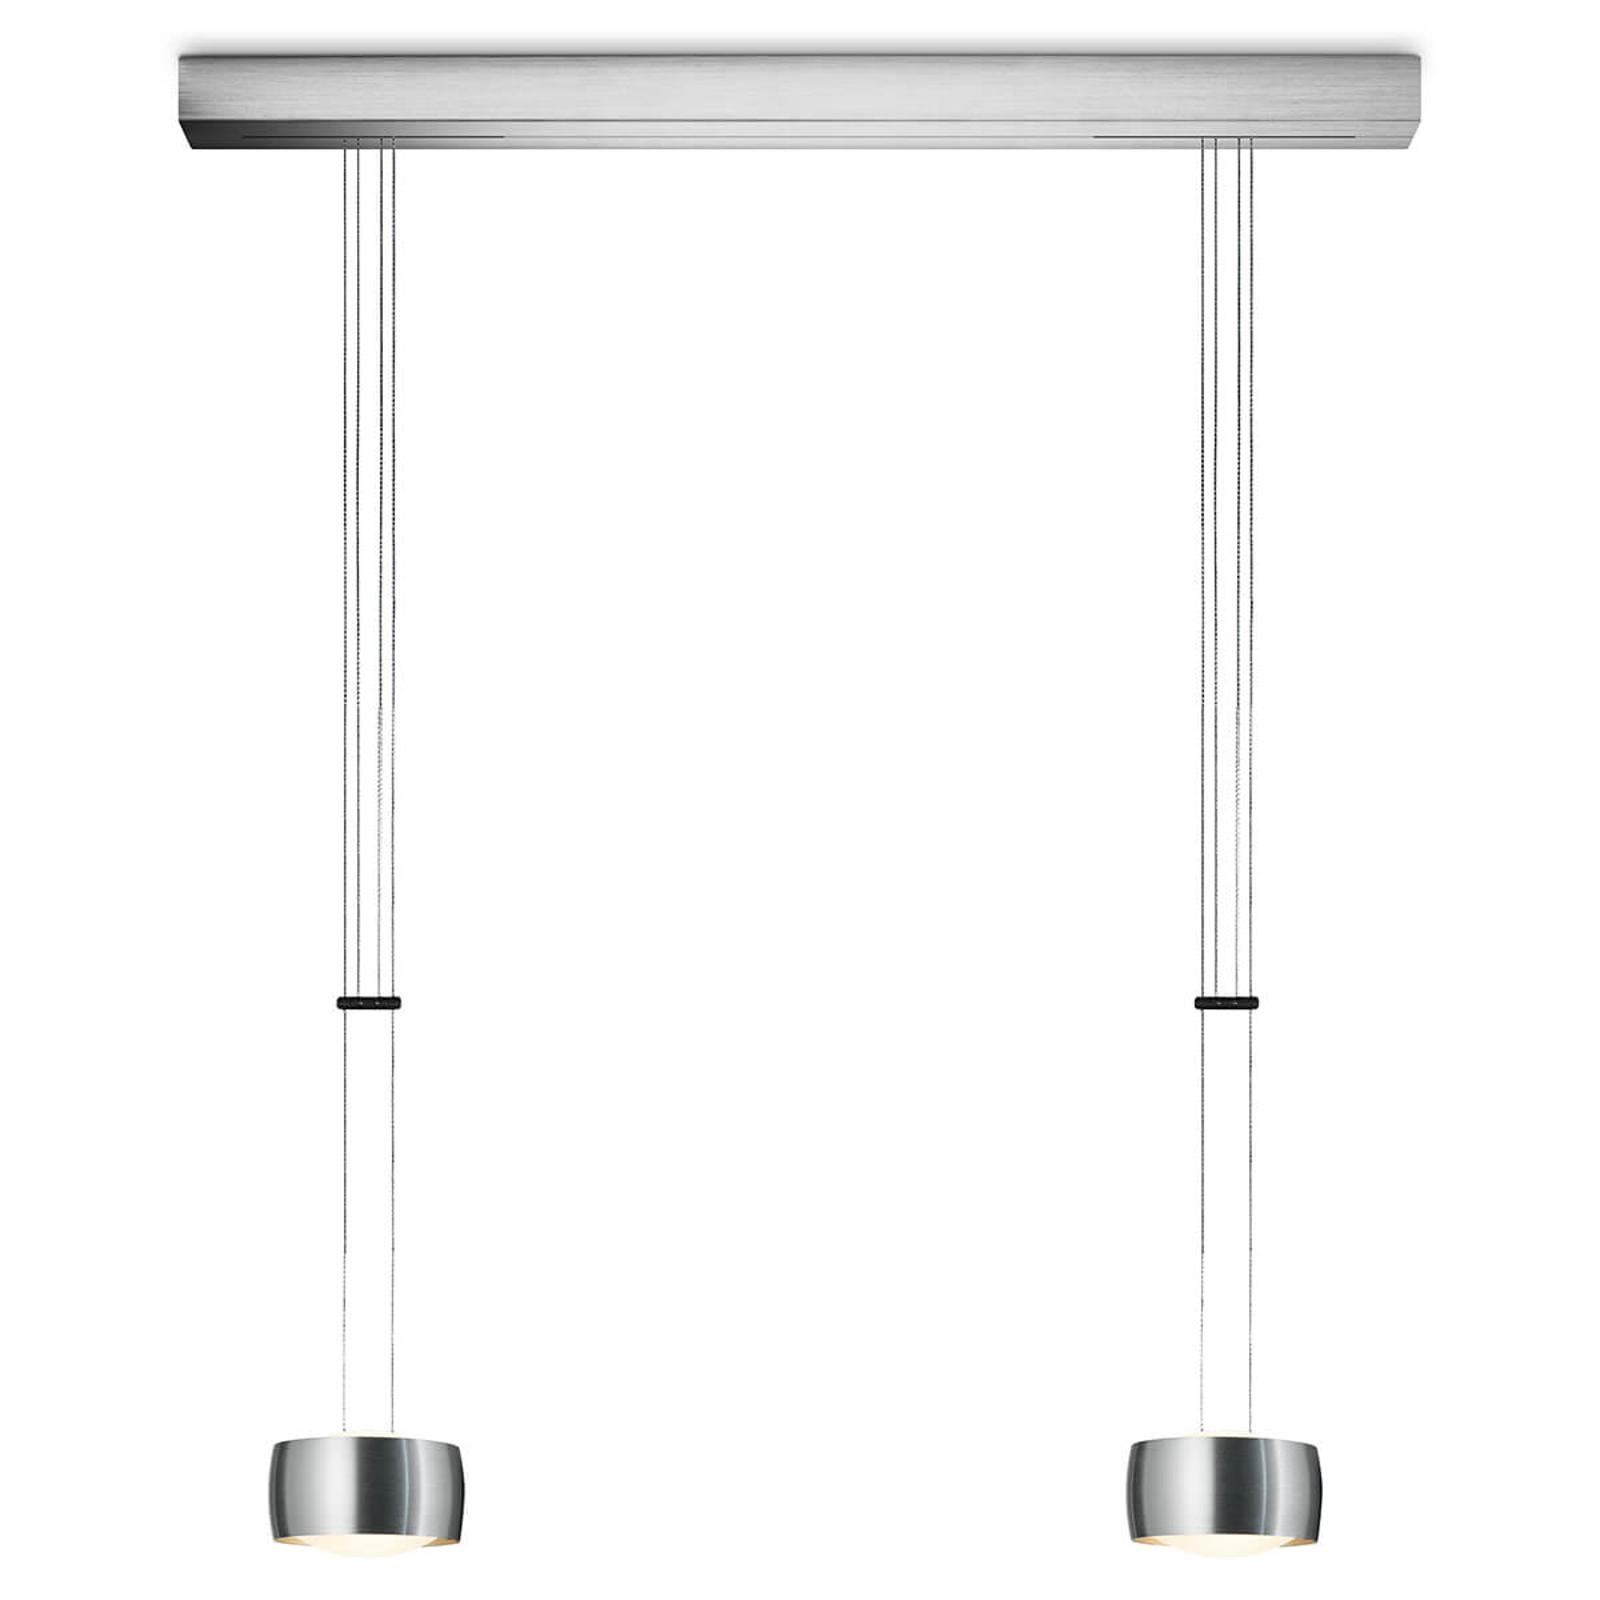 OLIGO Grace LED-Hängeleuchte 2flg. aluminium